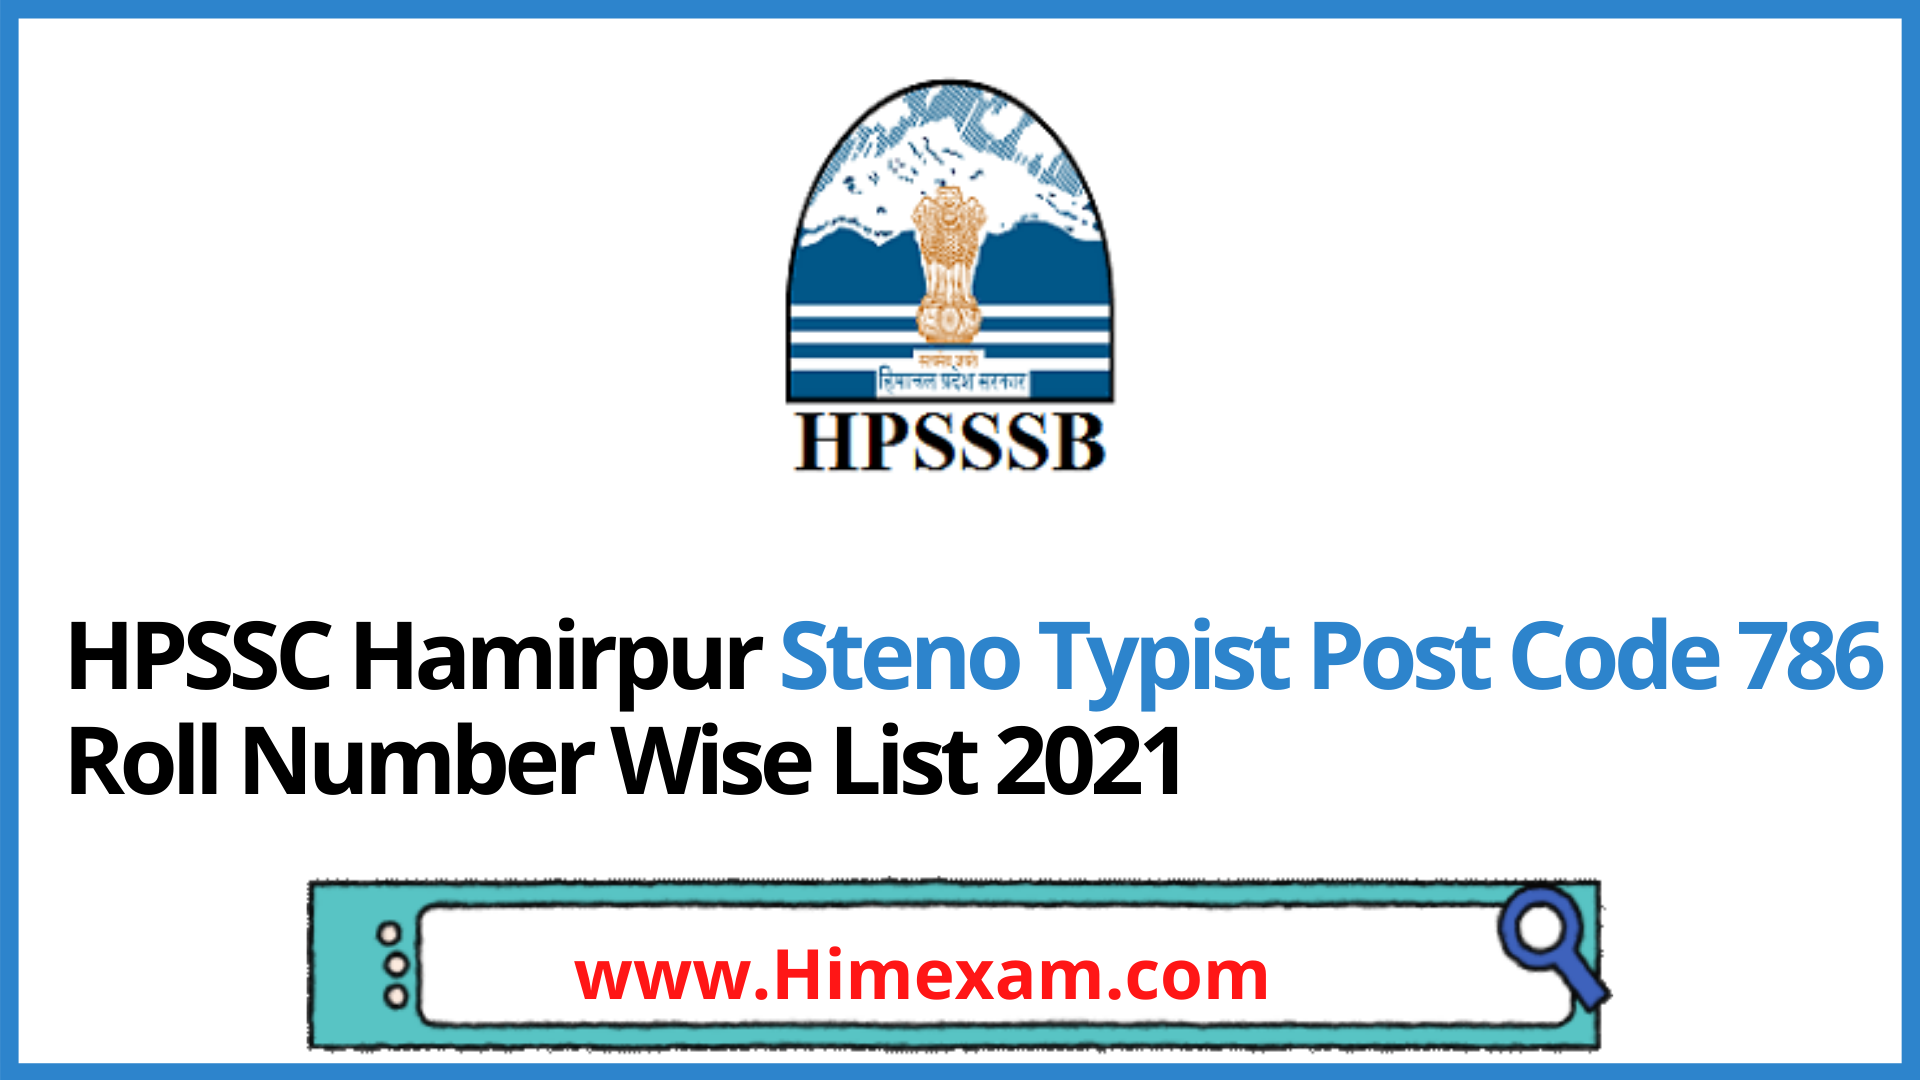 HPSSC Hamirpur Steno Typist Post Code 786 Roll Number Wise List 2021